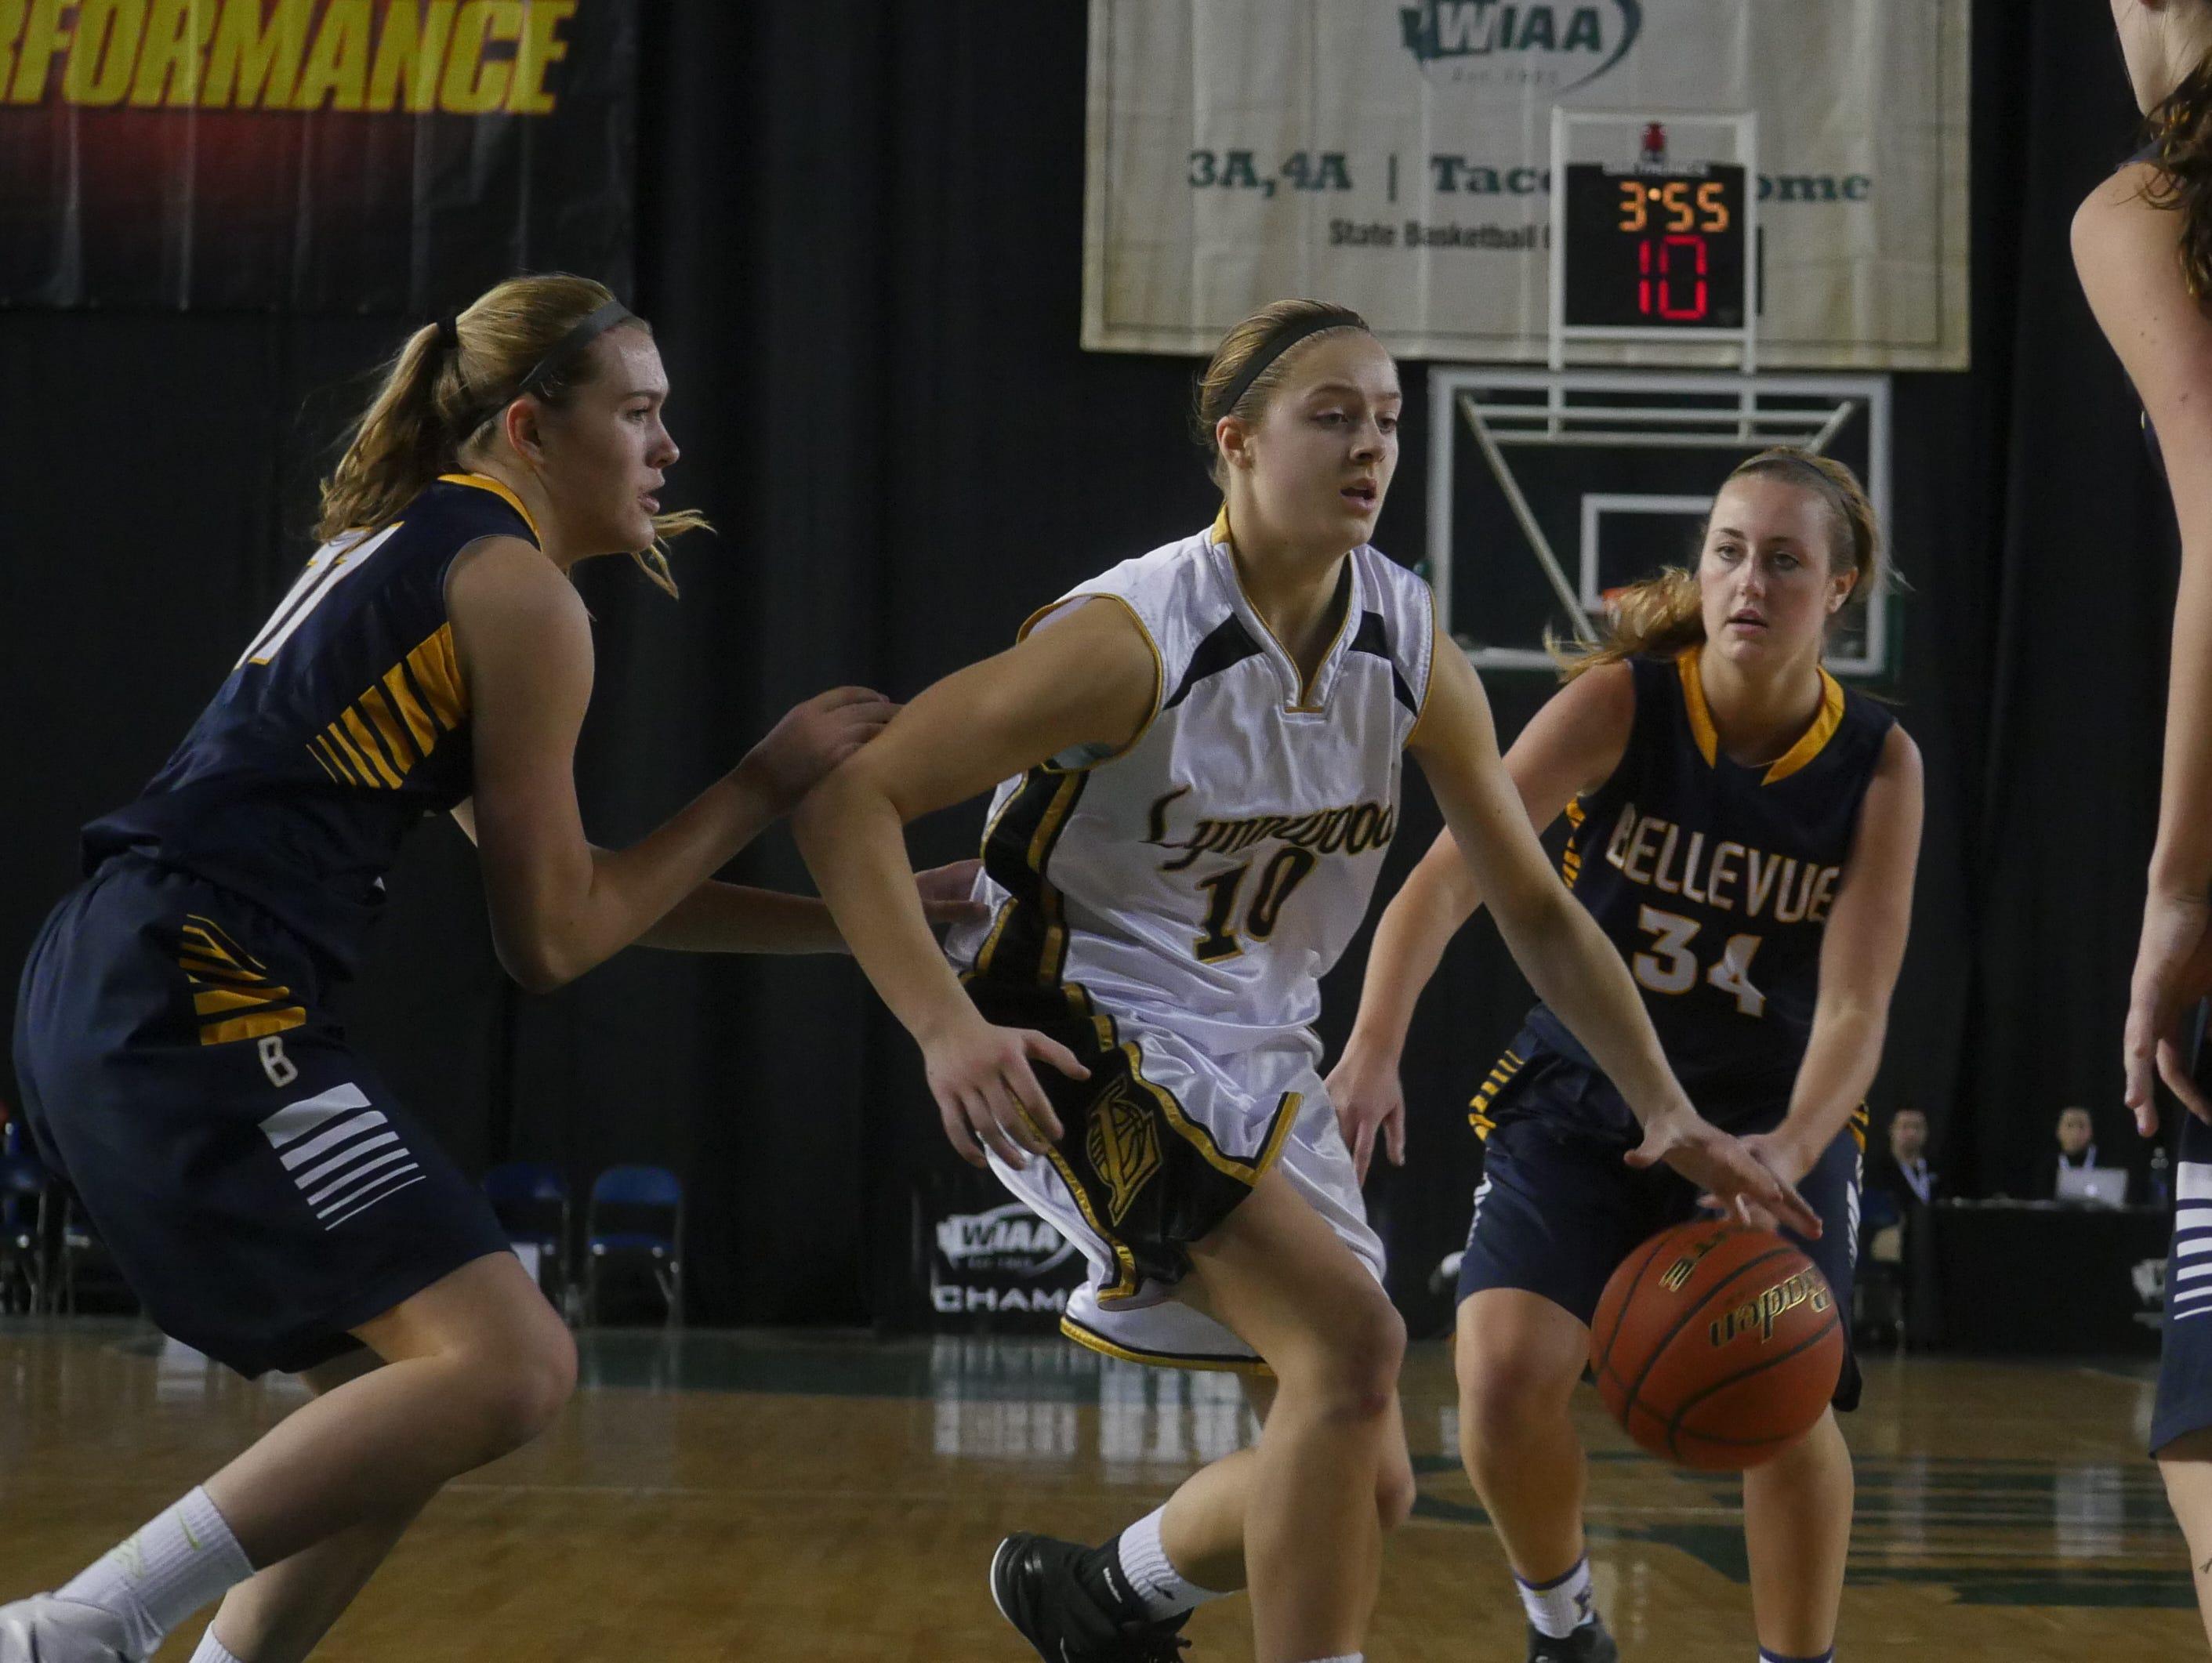 Lynnwood's Mikayla Pivec weaves her way through Bellevue defenders.